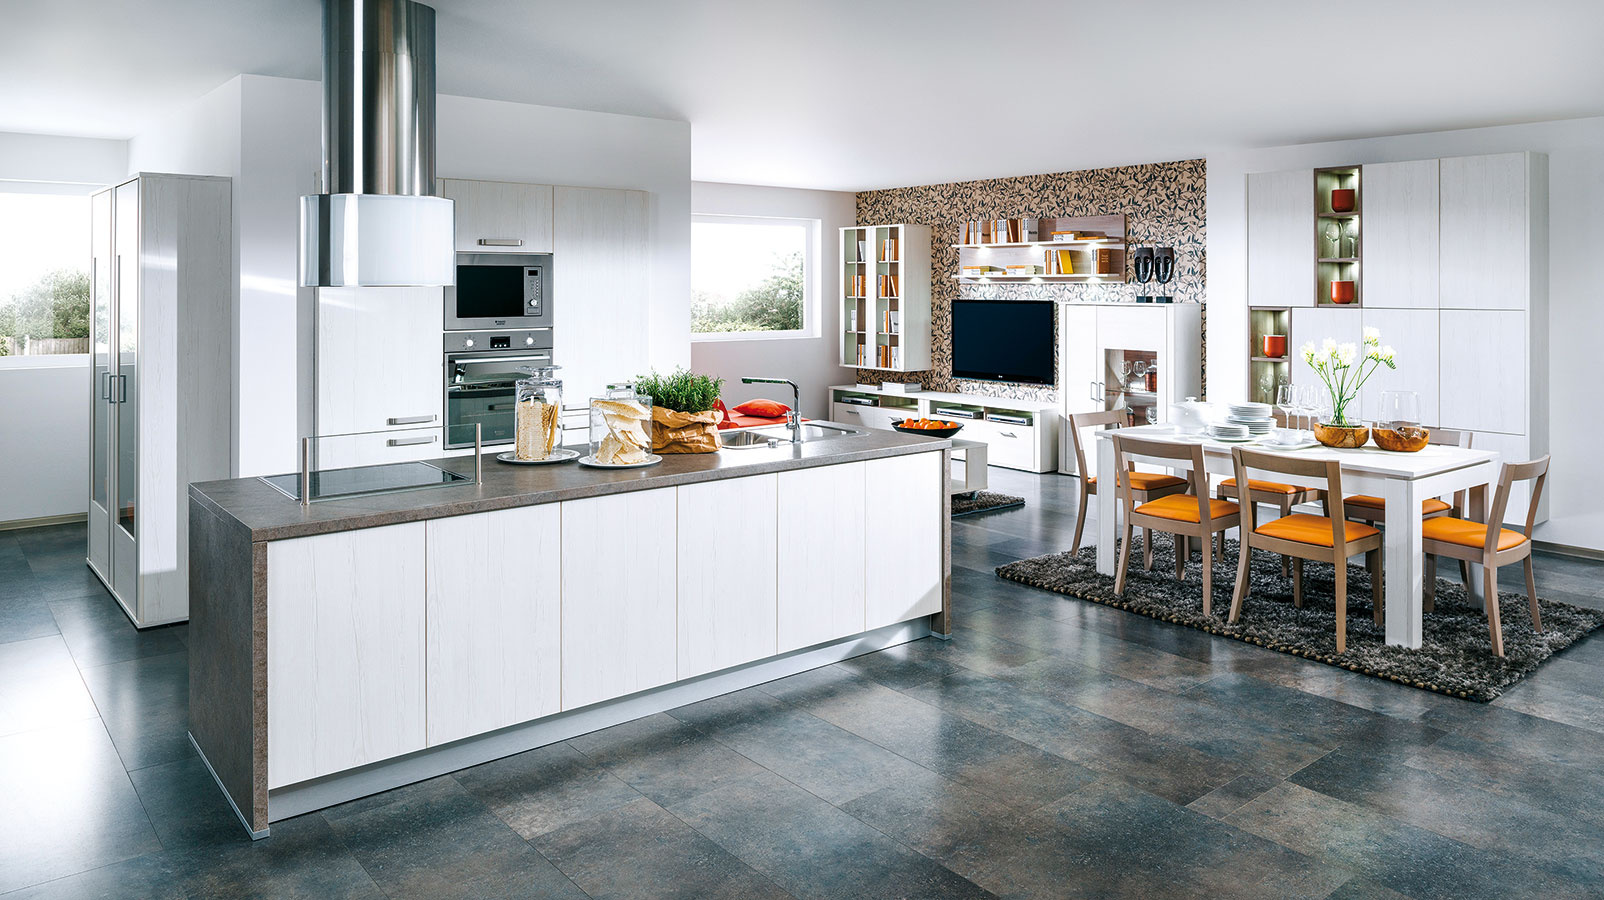 Závesný ostrovný variant je azda najsamostatnejším členom rodiny odsávačov. Je preto zaujímavým kuchynským prvkom vhodným do otvorenej dispozície ako model Faber Cassiopea Isola, ktorý sa stal súčasťou uhladeného bieleho interiéru zariadeného kuchyňou Zora aobývačkou Nordic od Decodomu.